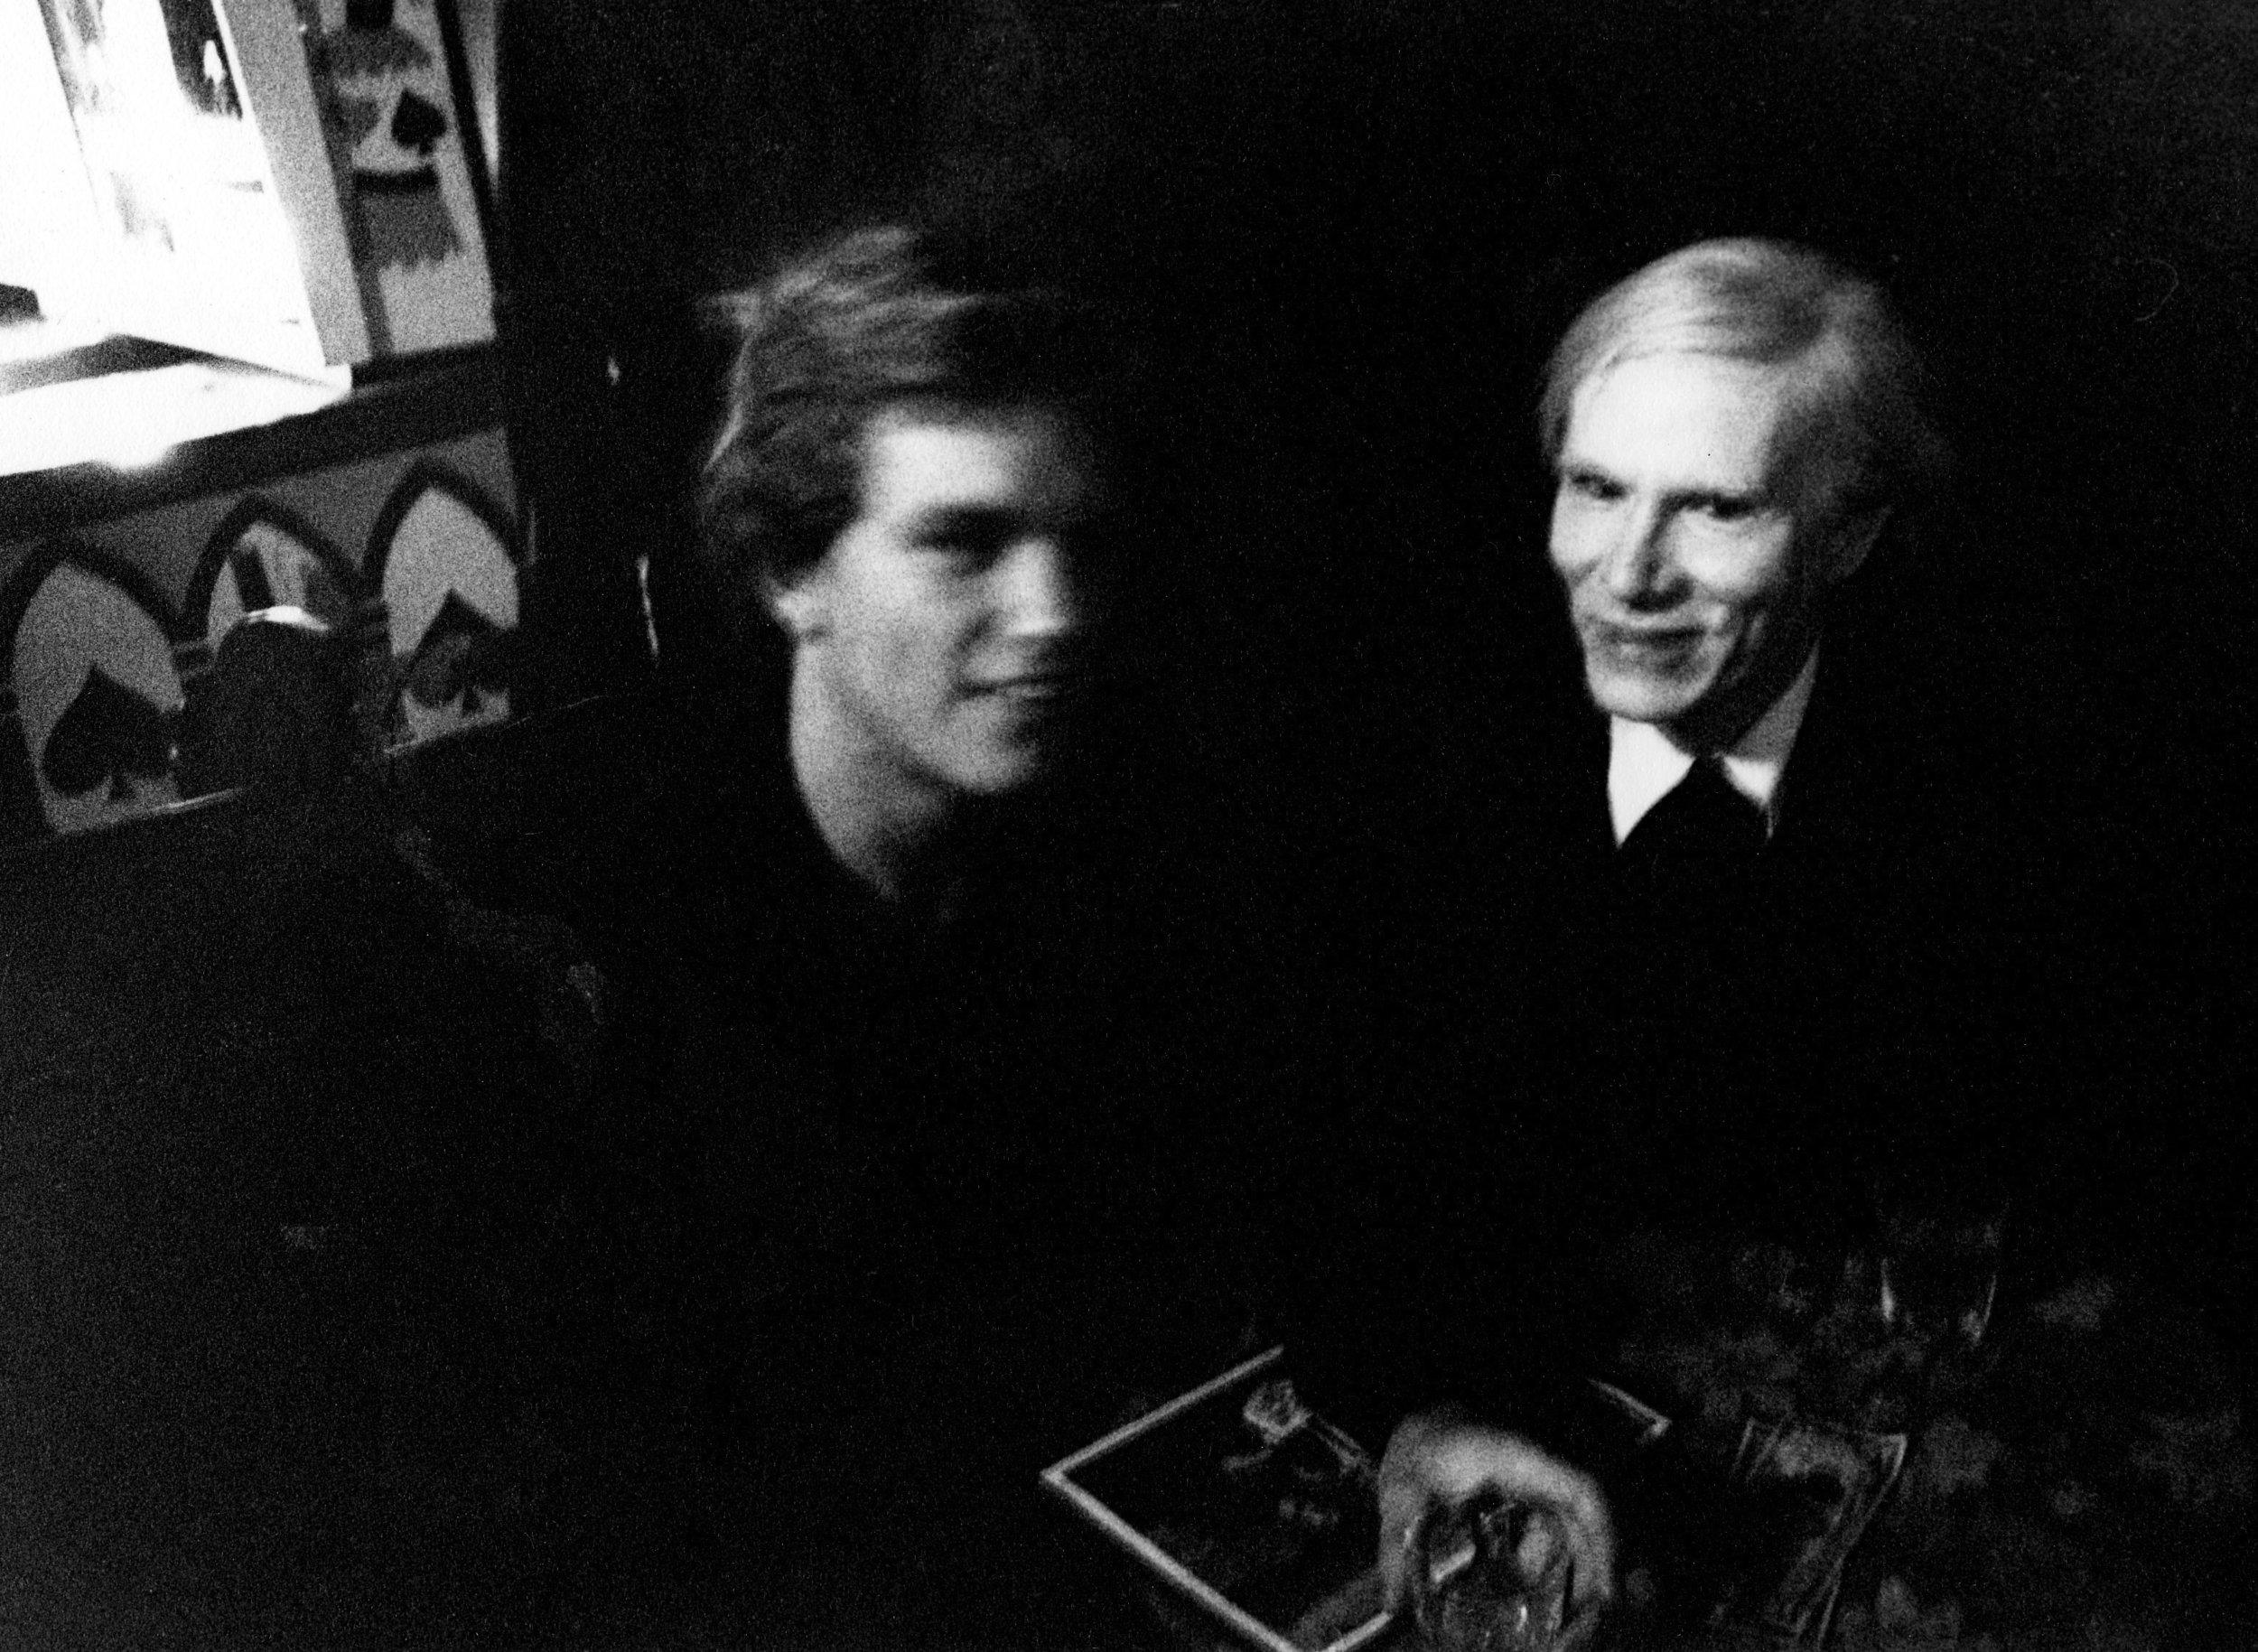 Andy Warhol at CBGB's 1977